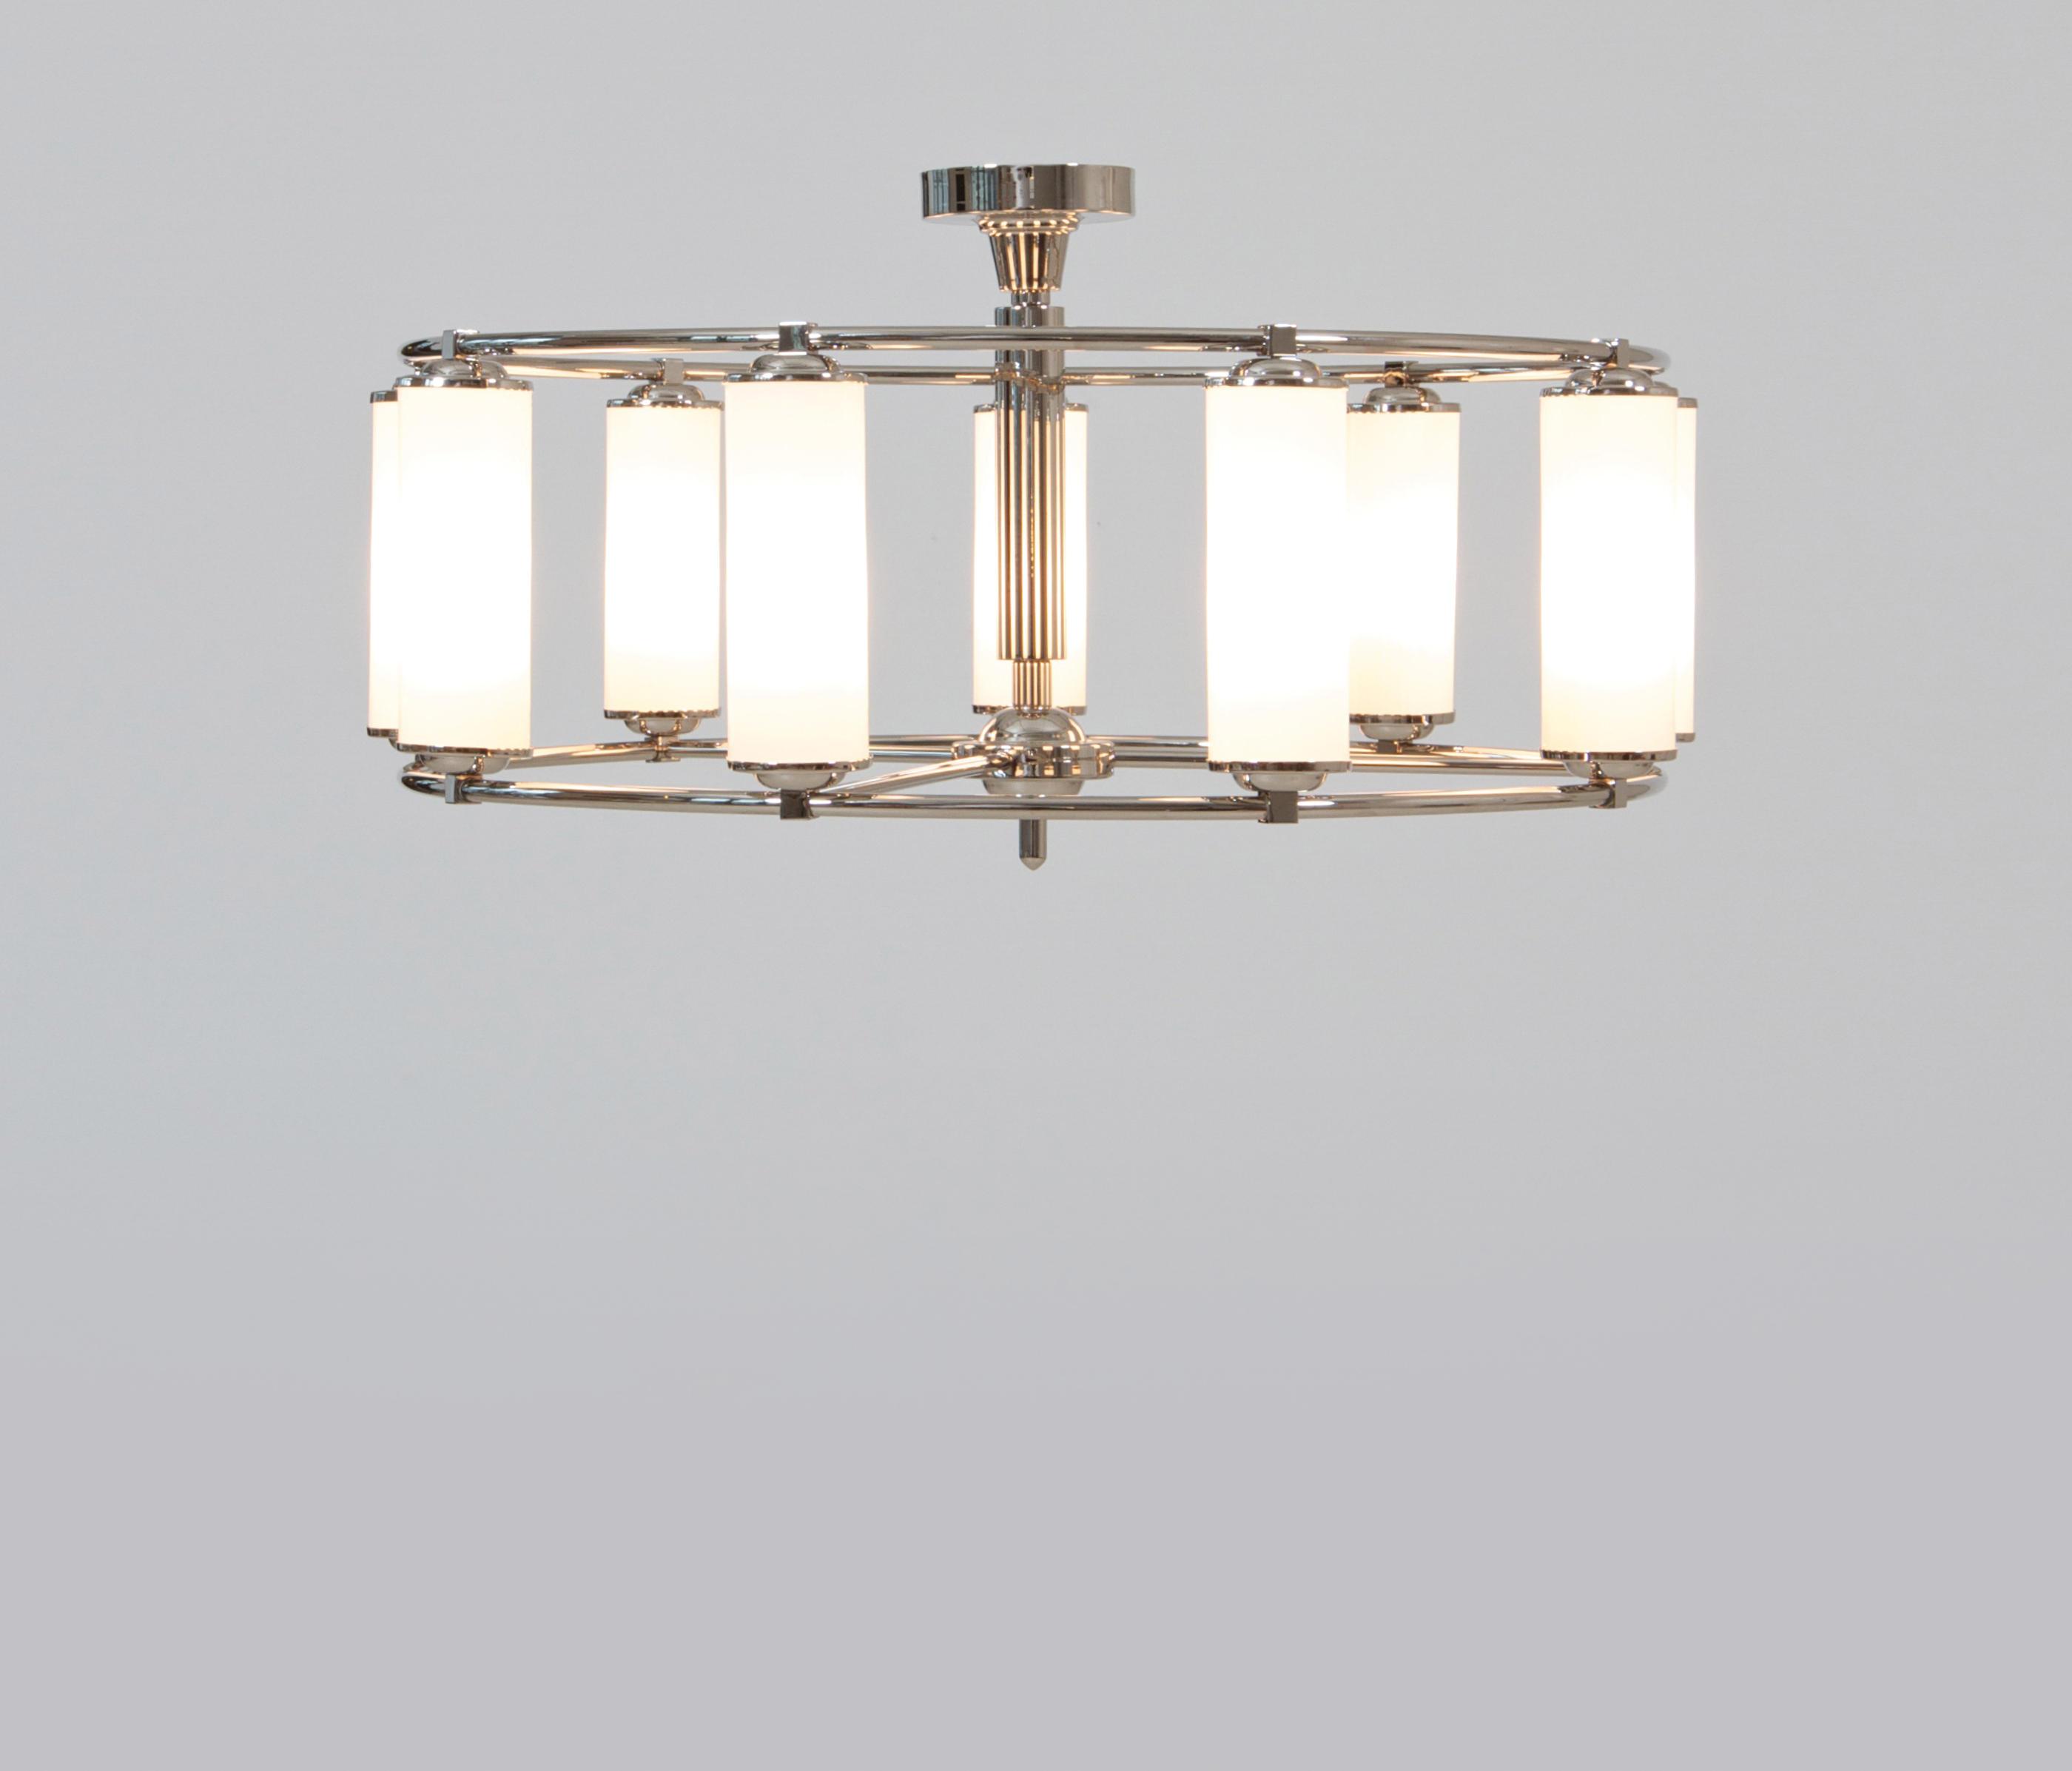 PENDANT LAMP IN BAUHAUS DESIGN